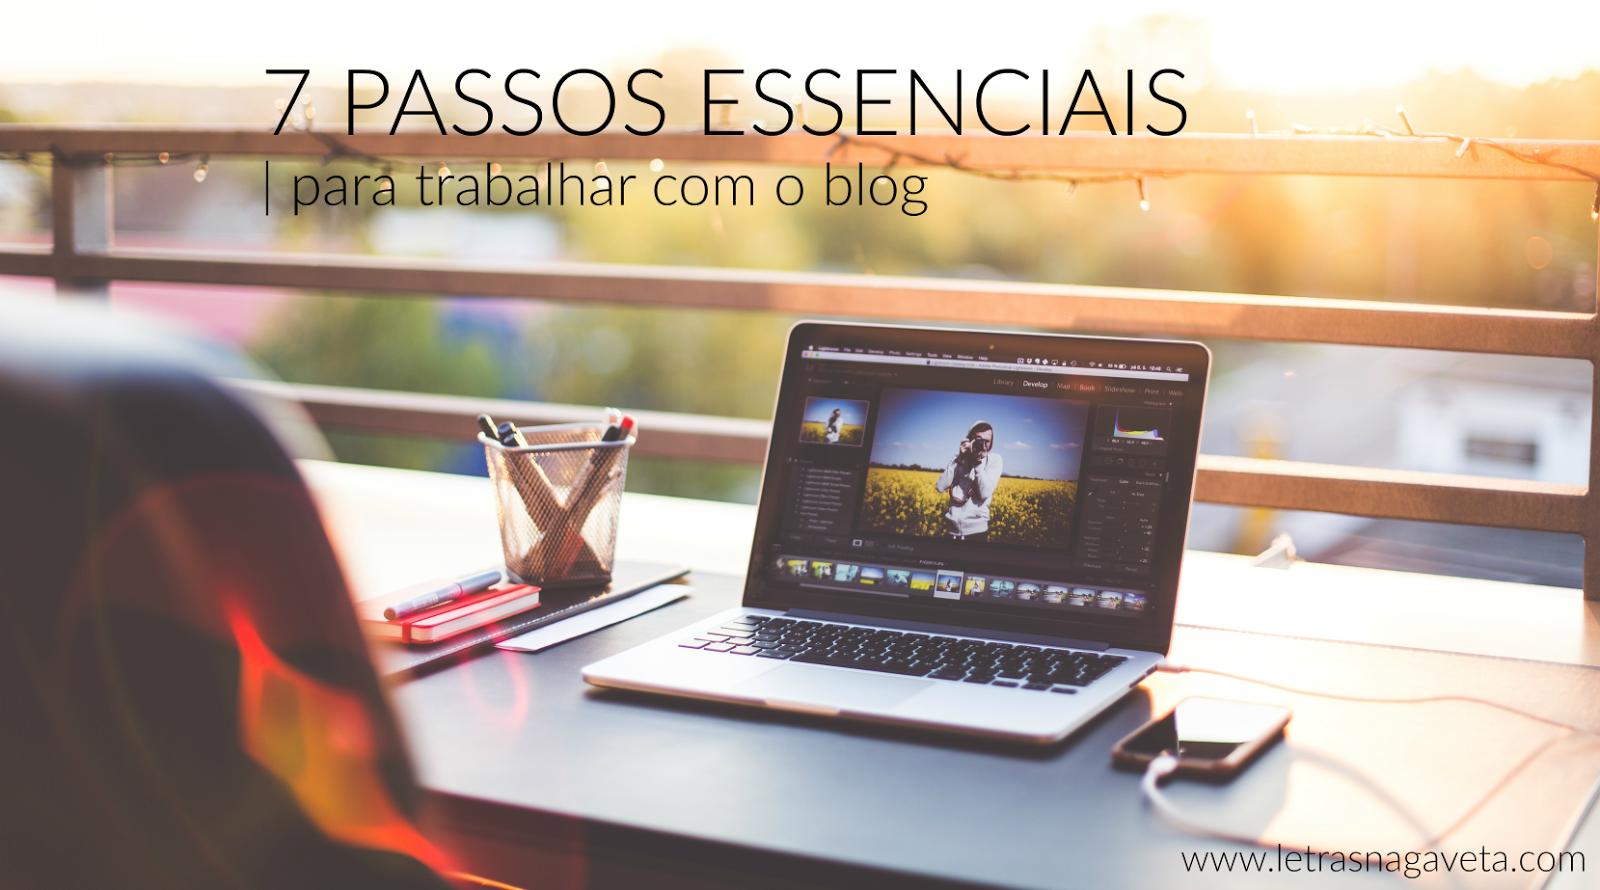 dicas-para-trabalhar-com-blog